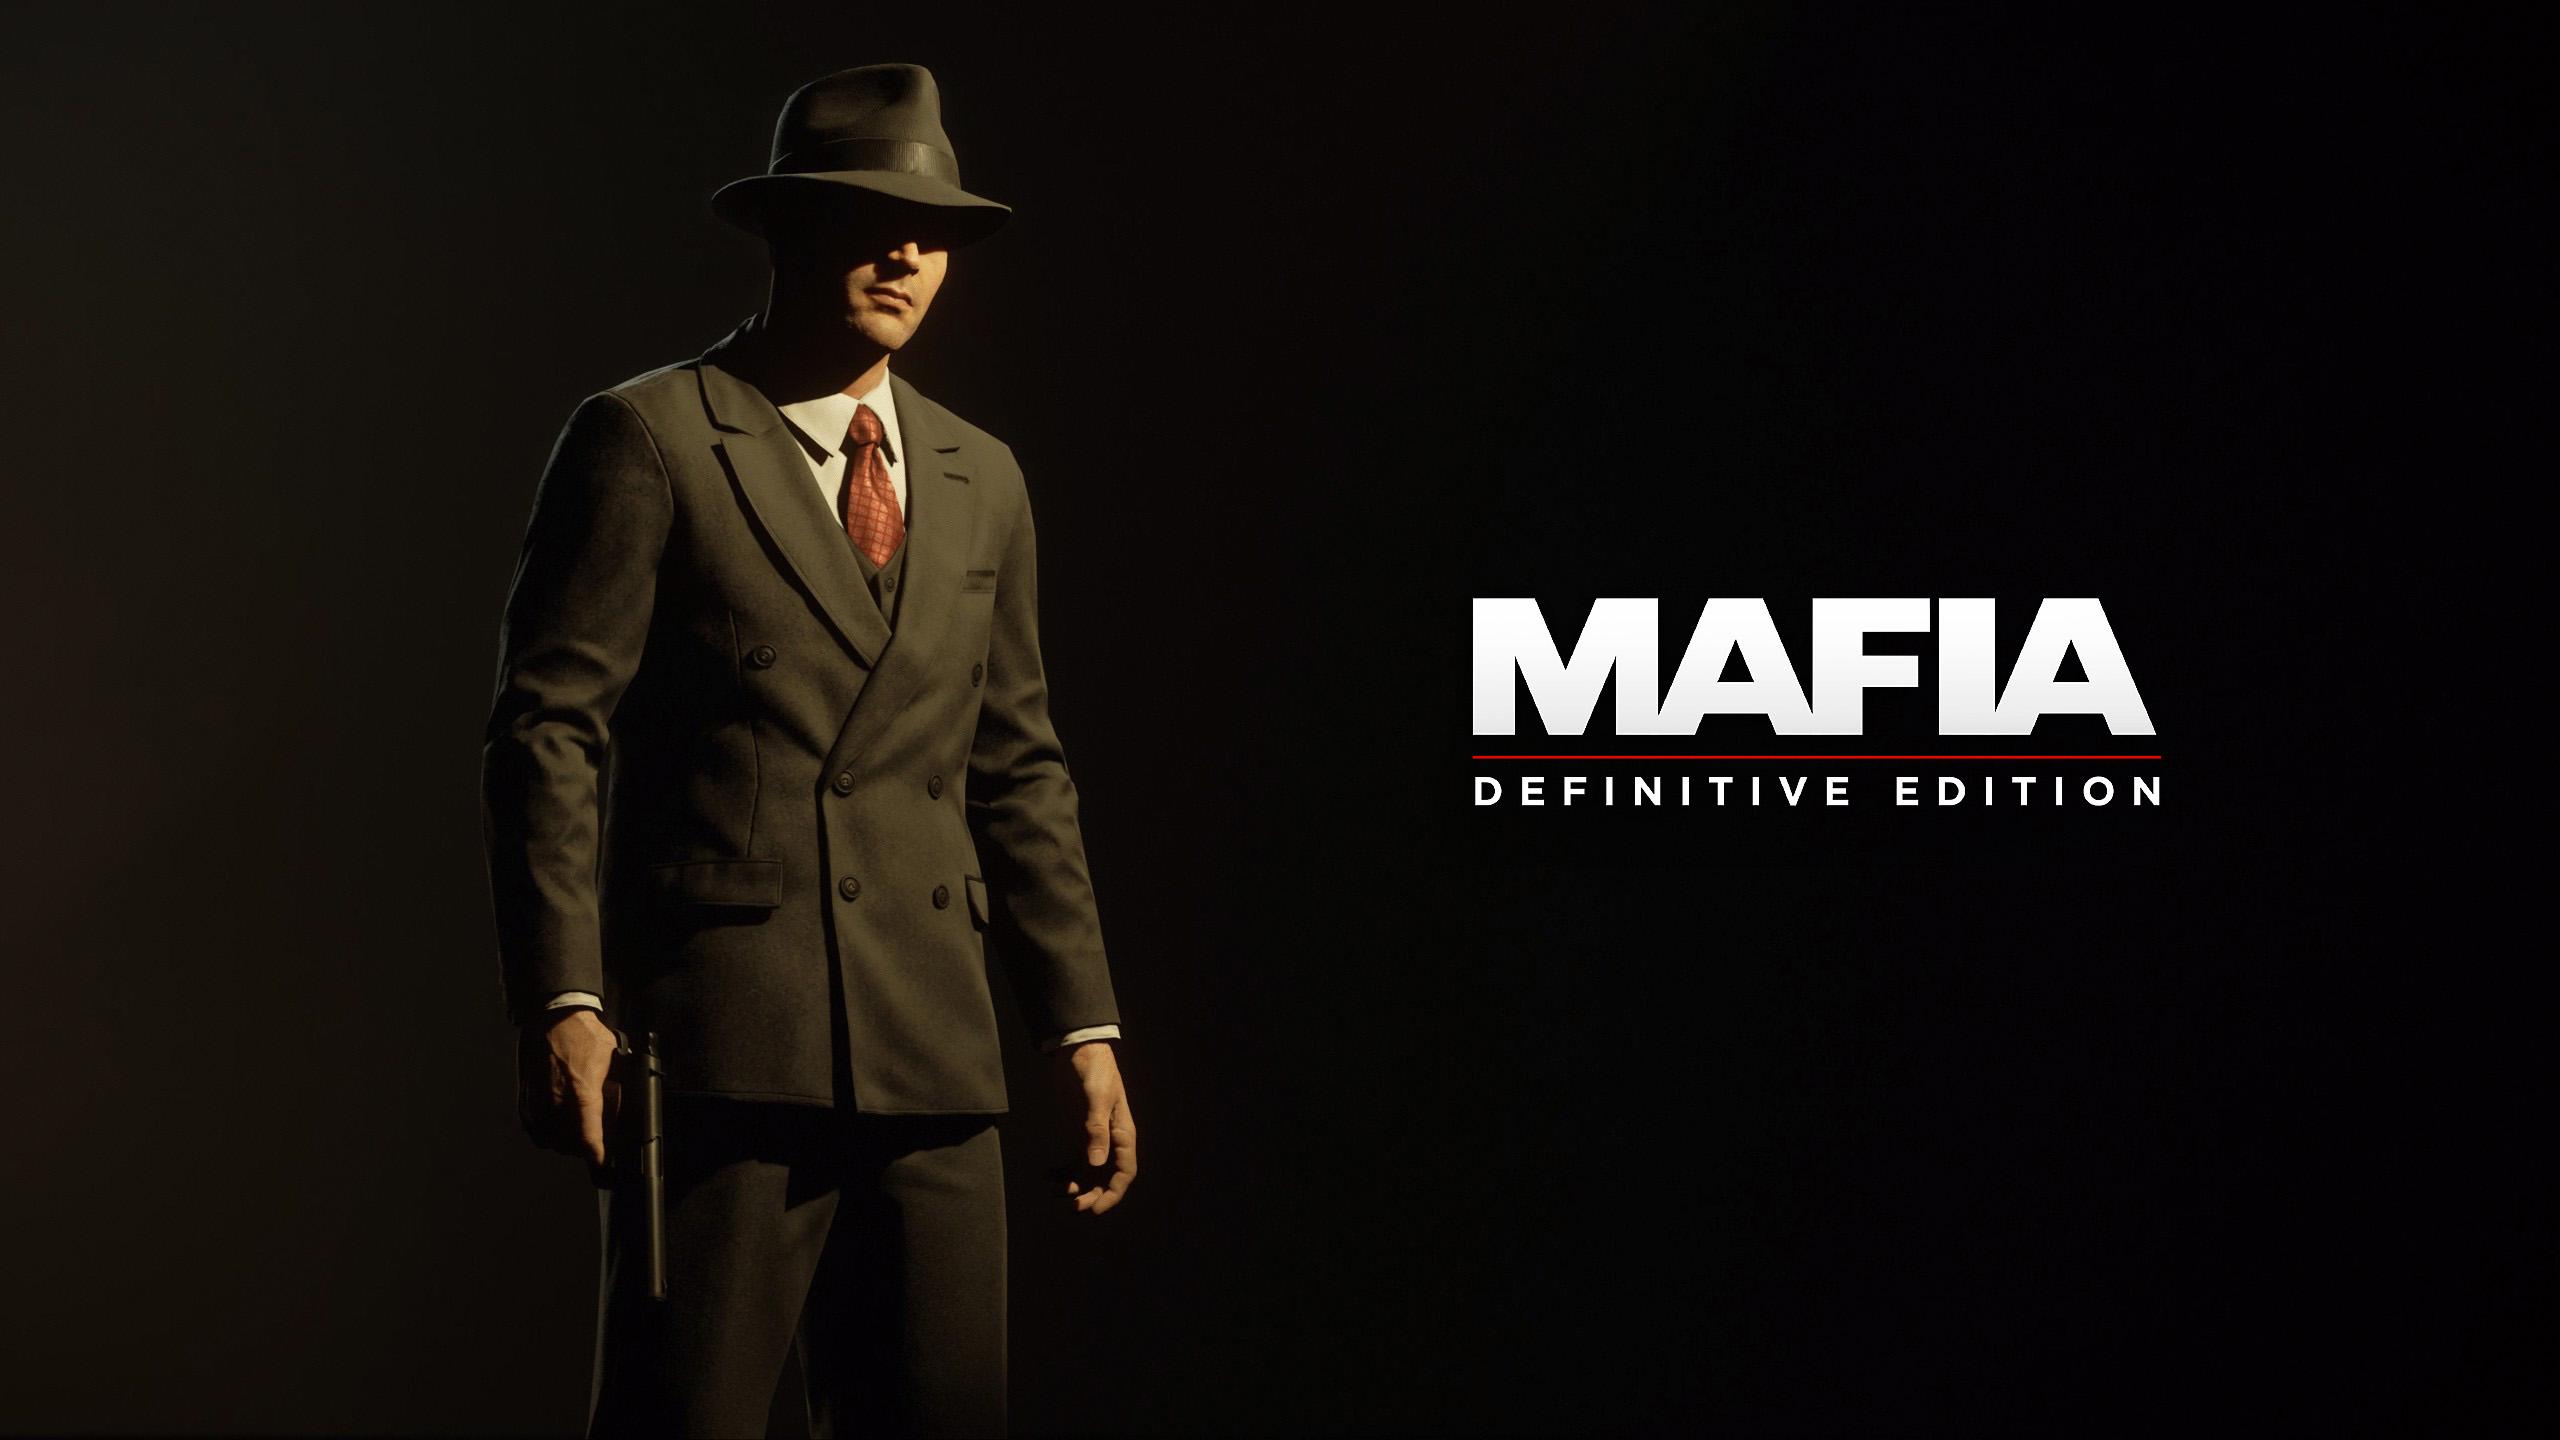 Review Mafia Definitive Edition